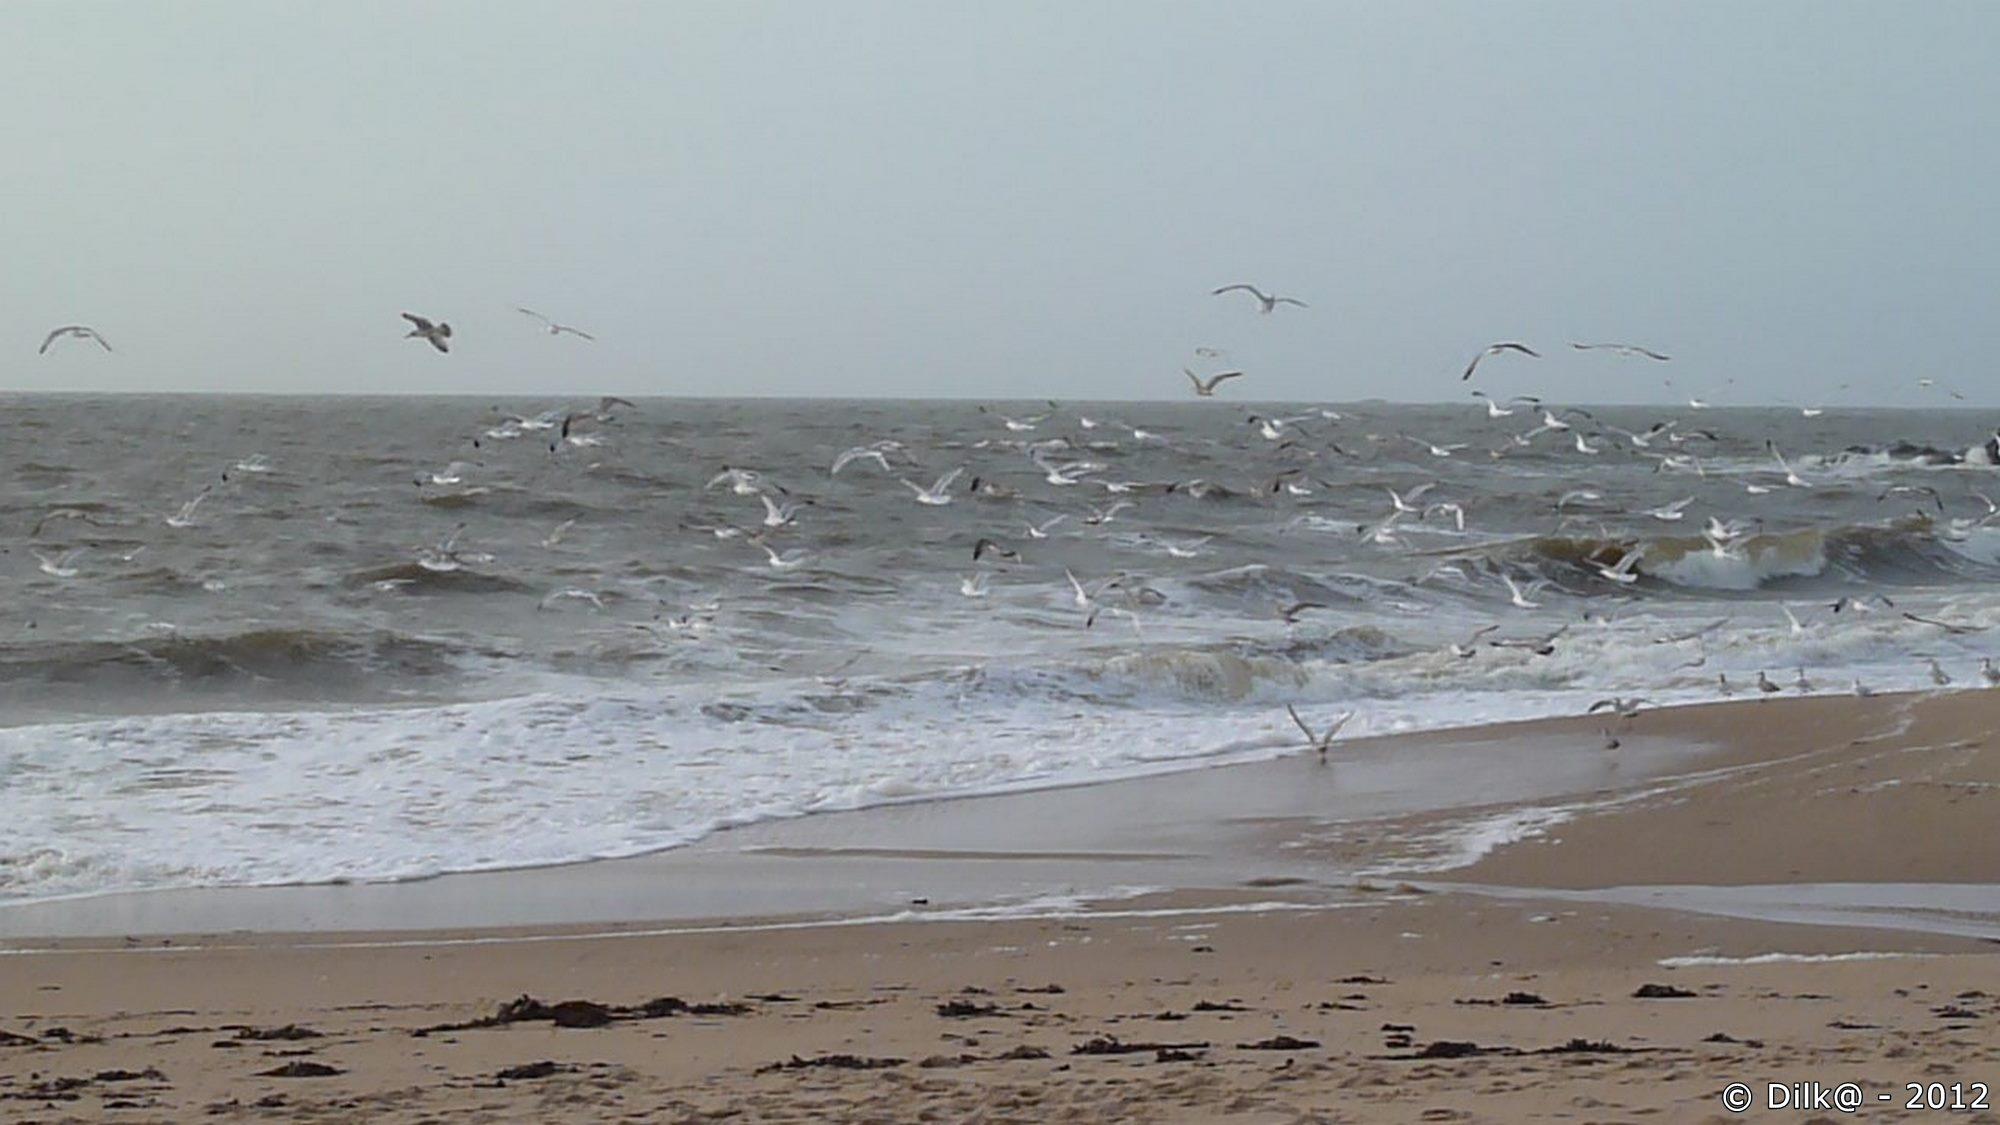 Des centaines de goélands envahissent la plage